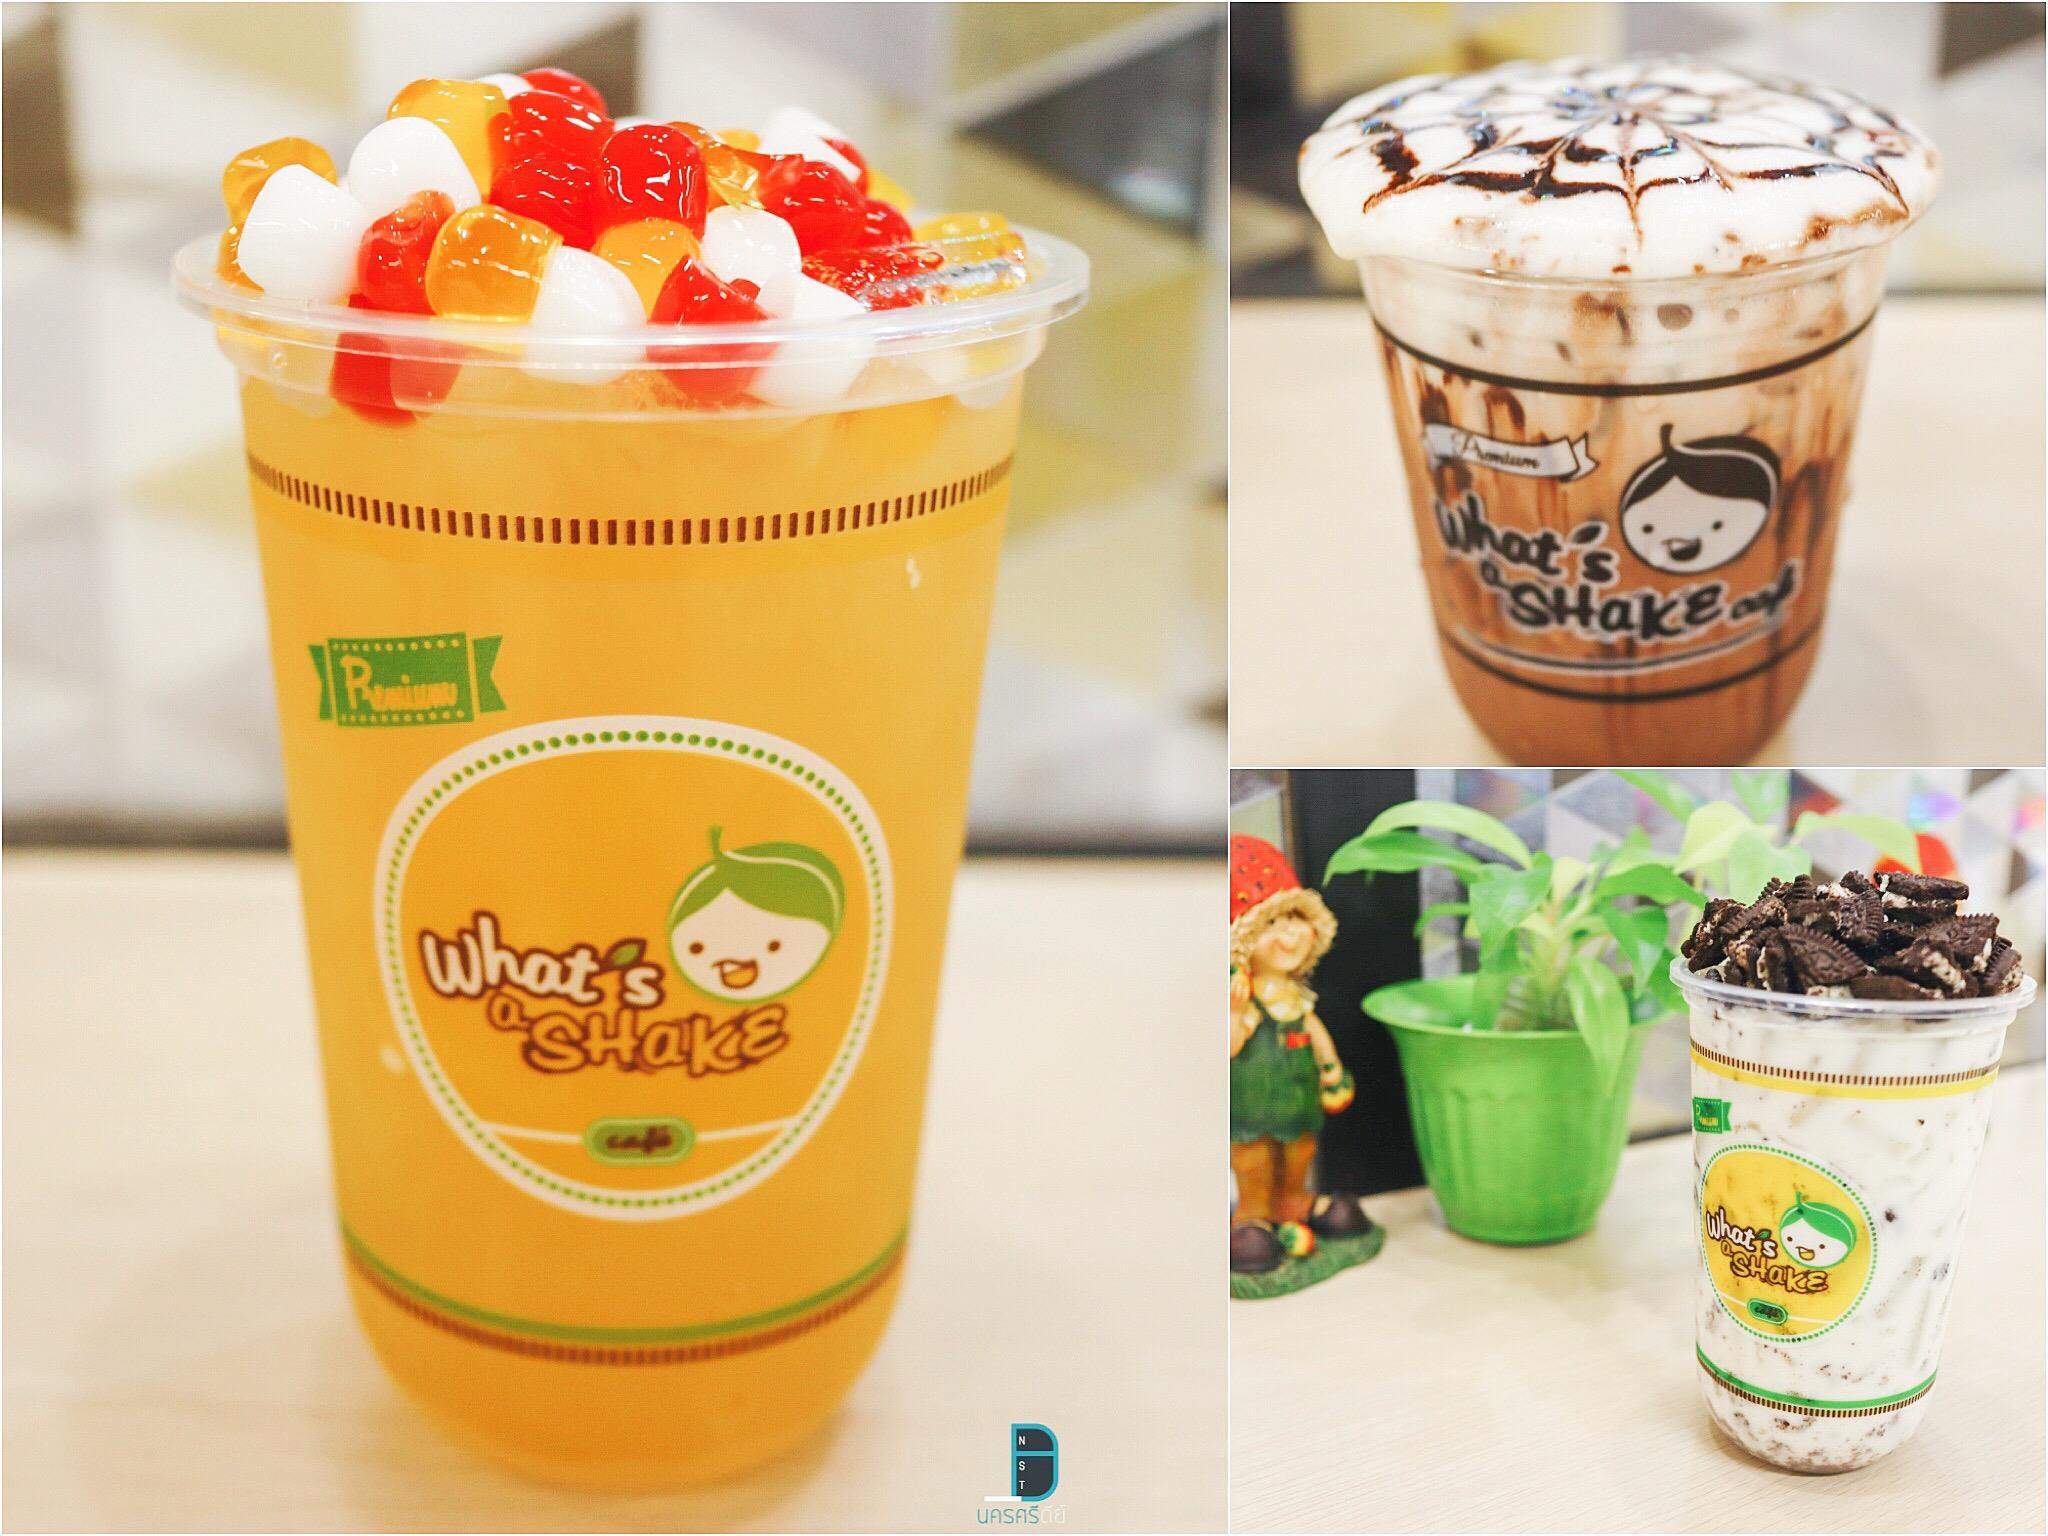 11.-What-a-shake-Cafe-ถือว่าเป็นร้านใหม่อยู่ในห้างใหม่ในเมืองนครกันเลยครับ-ร้านนี้ทีเด็ดมีหลายเมนู-แอดมินชอบชาไข่มุก-เมนูที่เป็นโอริโอ้-พวกโกโก้ก็เข้มๆอร่อยครับ-ถือได้ว่าเป็นจุดเช็คอินดับร้อนกันได้แน่นอน What-s-a-Shake-cafe-นครศรีธรรมราช  ร้านดับร้อน,ร้านหน้าร้อน,ของกิน,เครื่องดื่ม,คาเฟ่,นครศรีธรรมราช